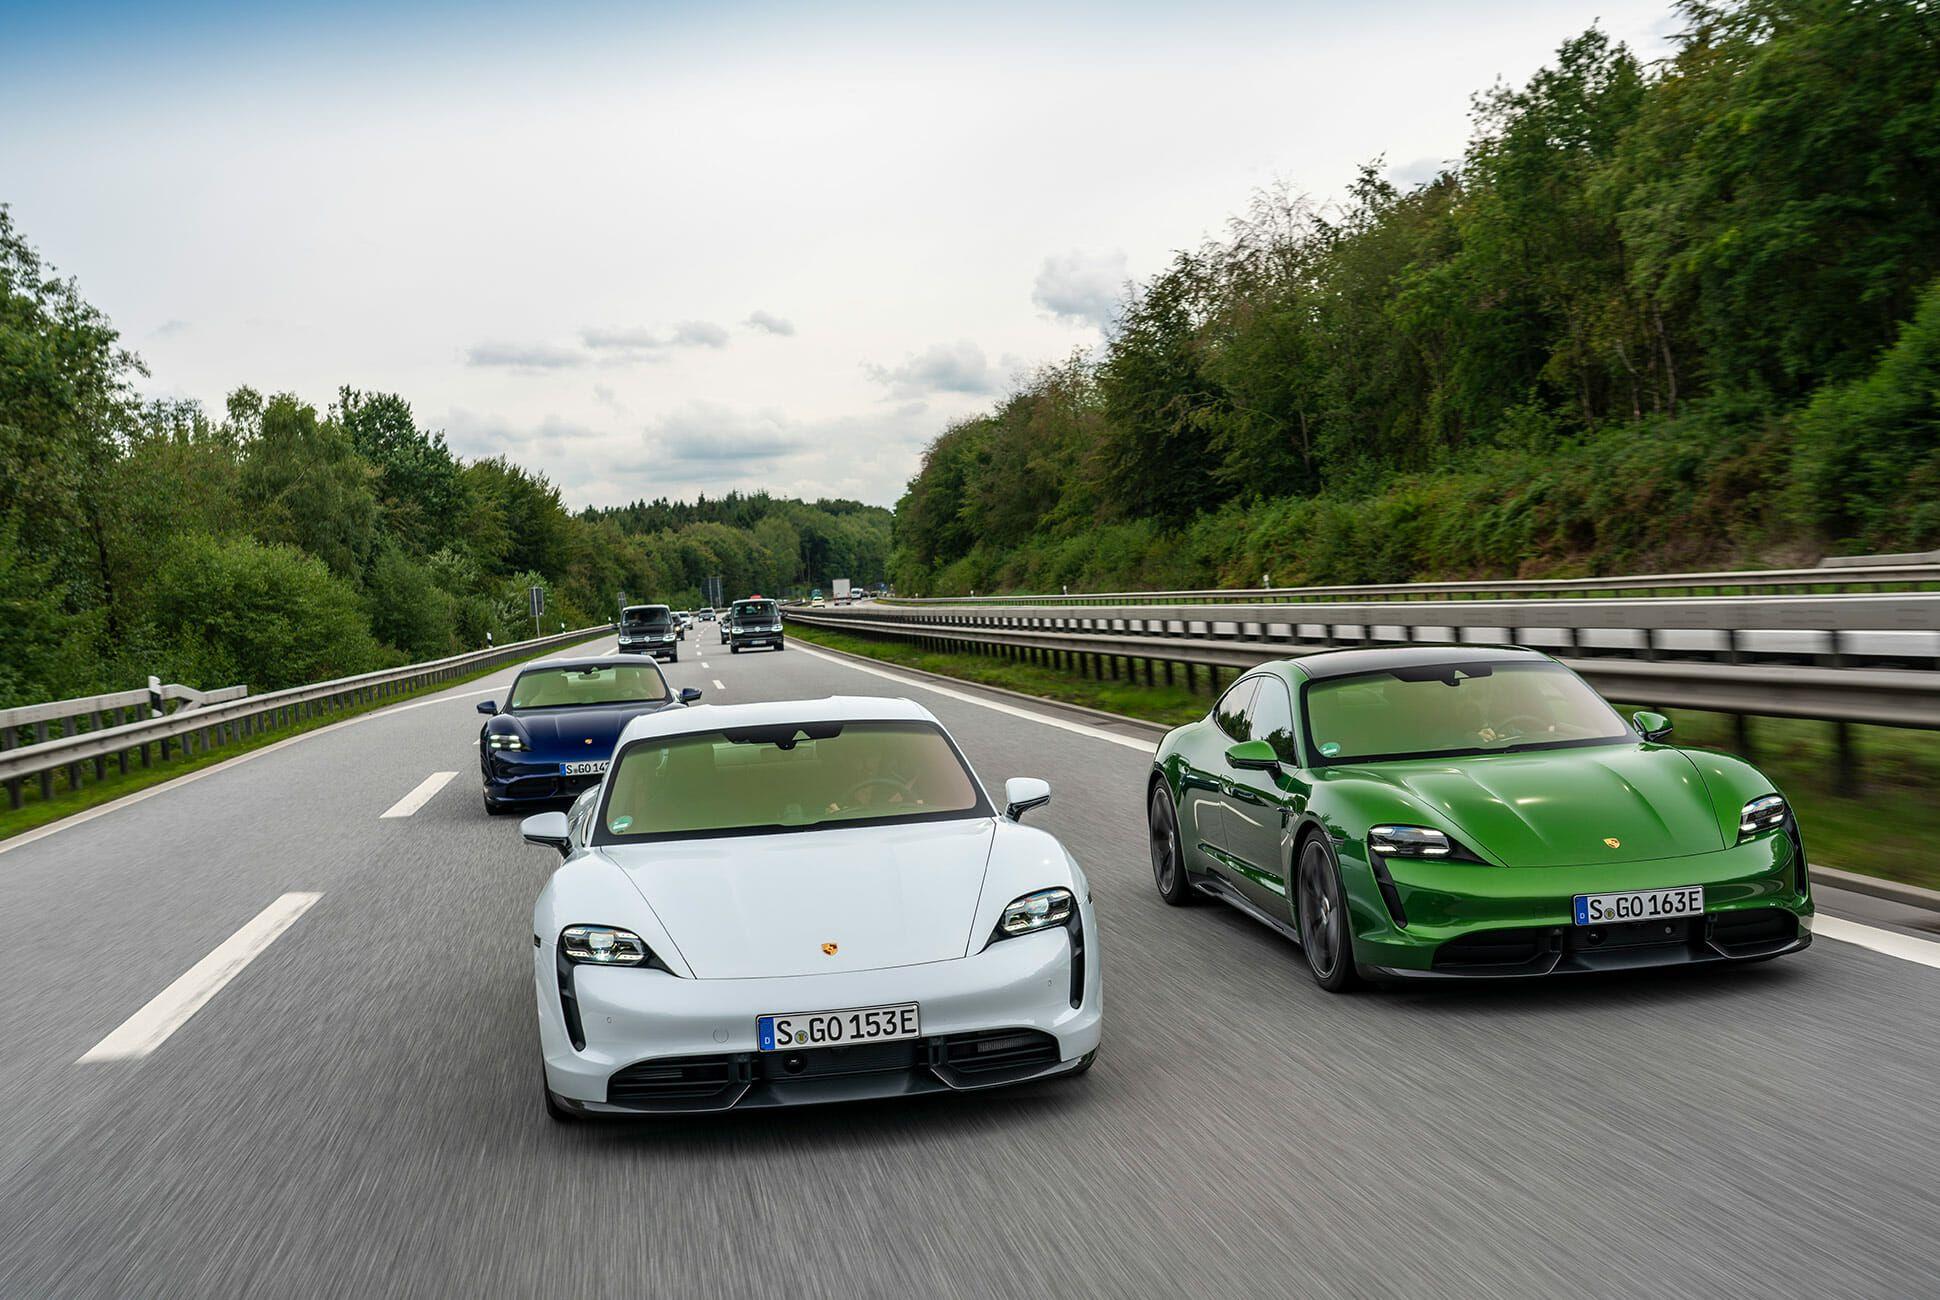 2020-Porsche-Taycan-Turbo-S-gear-patrol-lead-slide-4